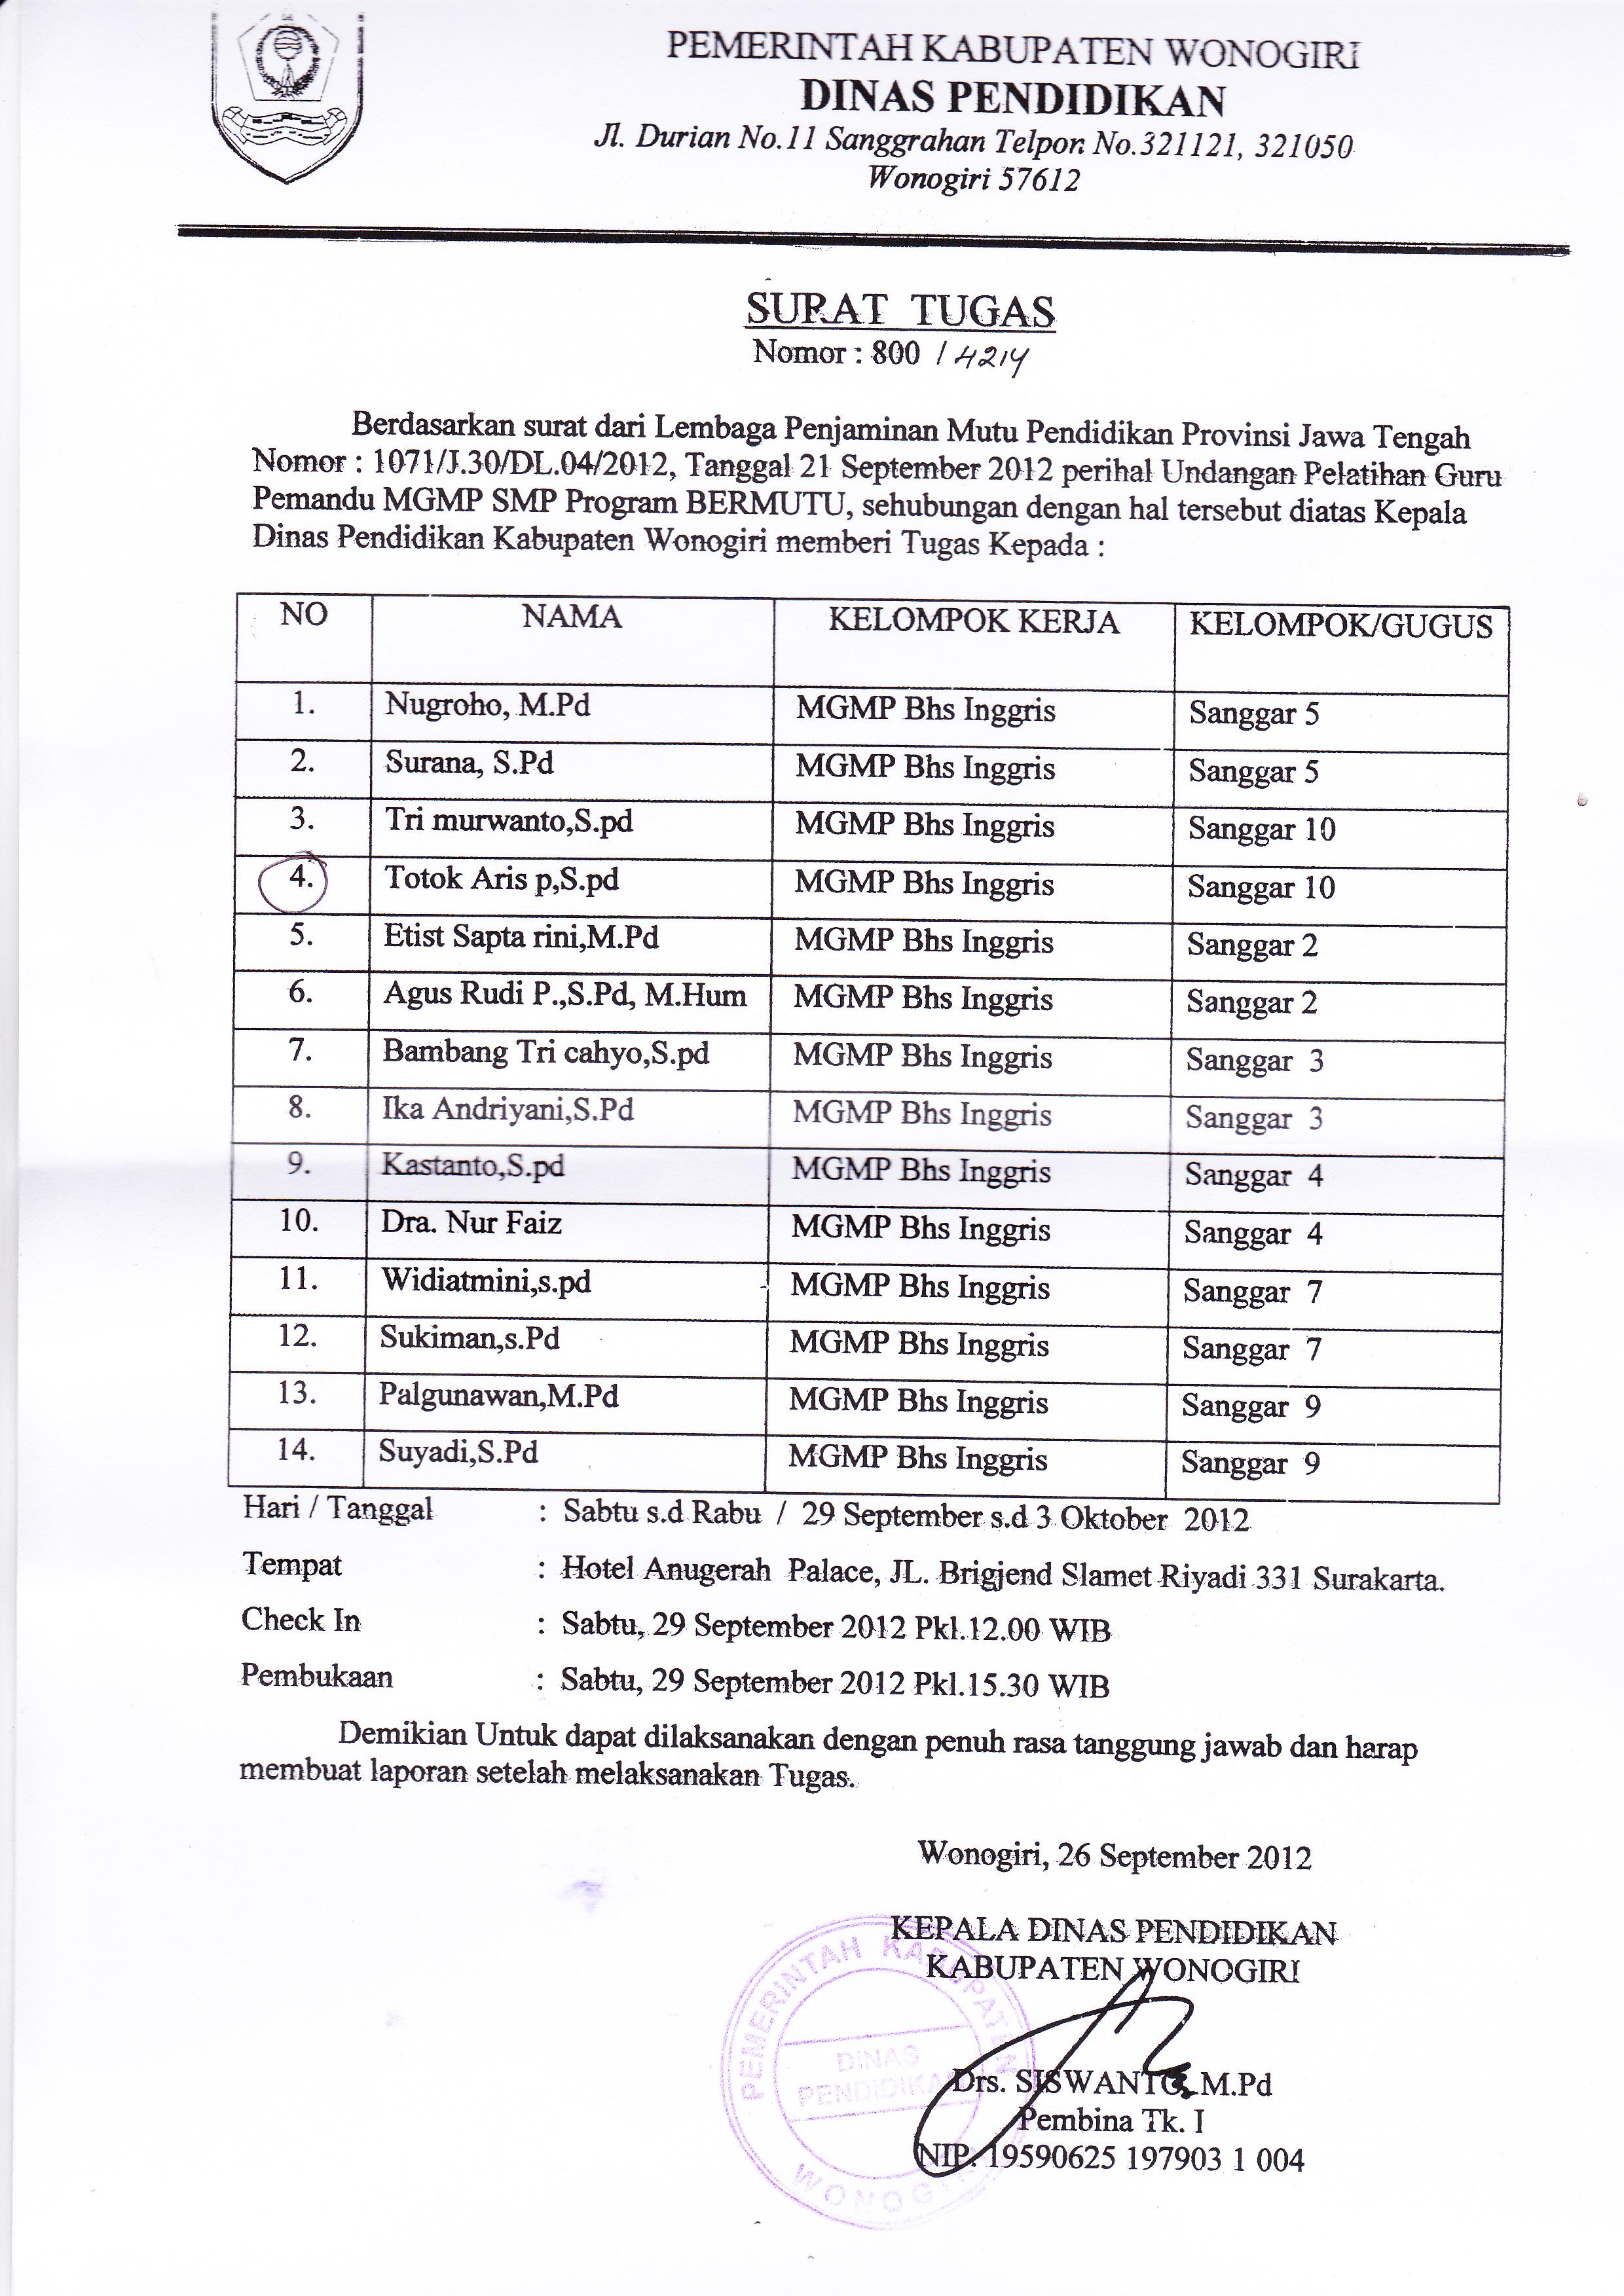 Surat Tugas Guru Pemandu Mgmp Bahasa Inggris Smp Kabupaten Wonogiri